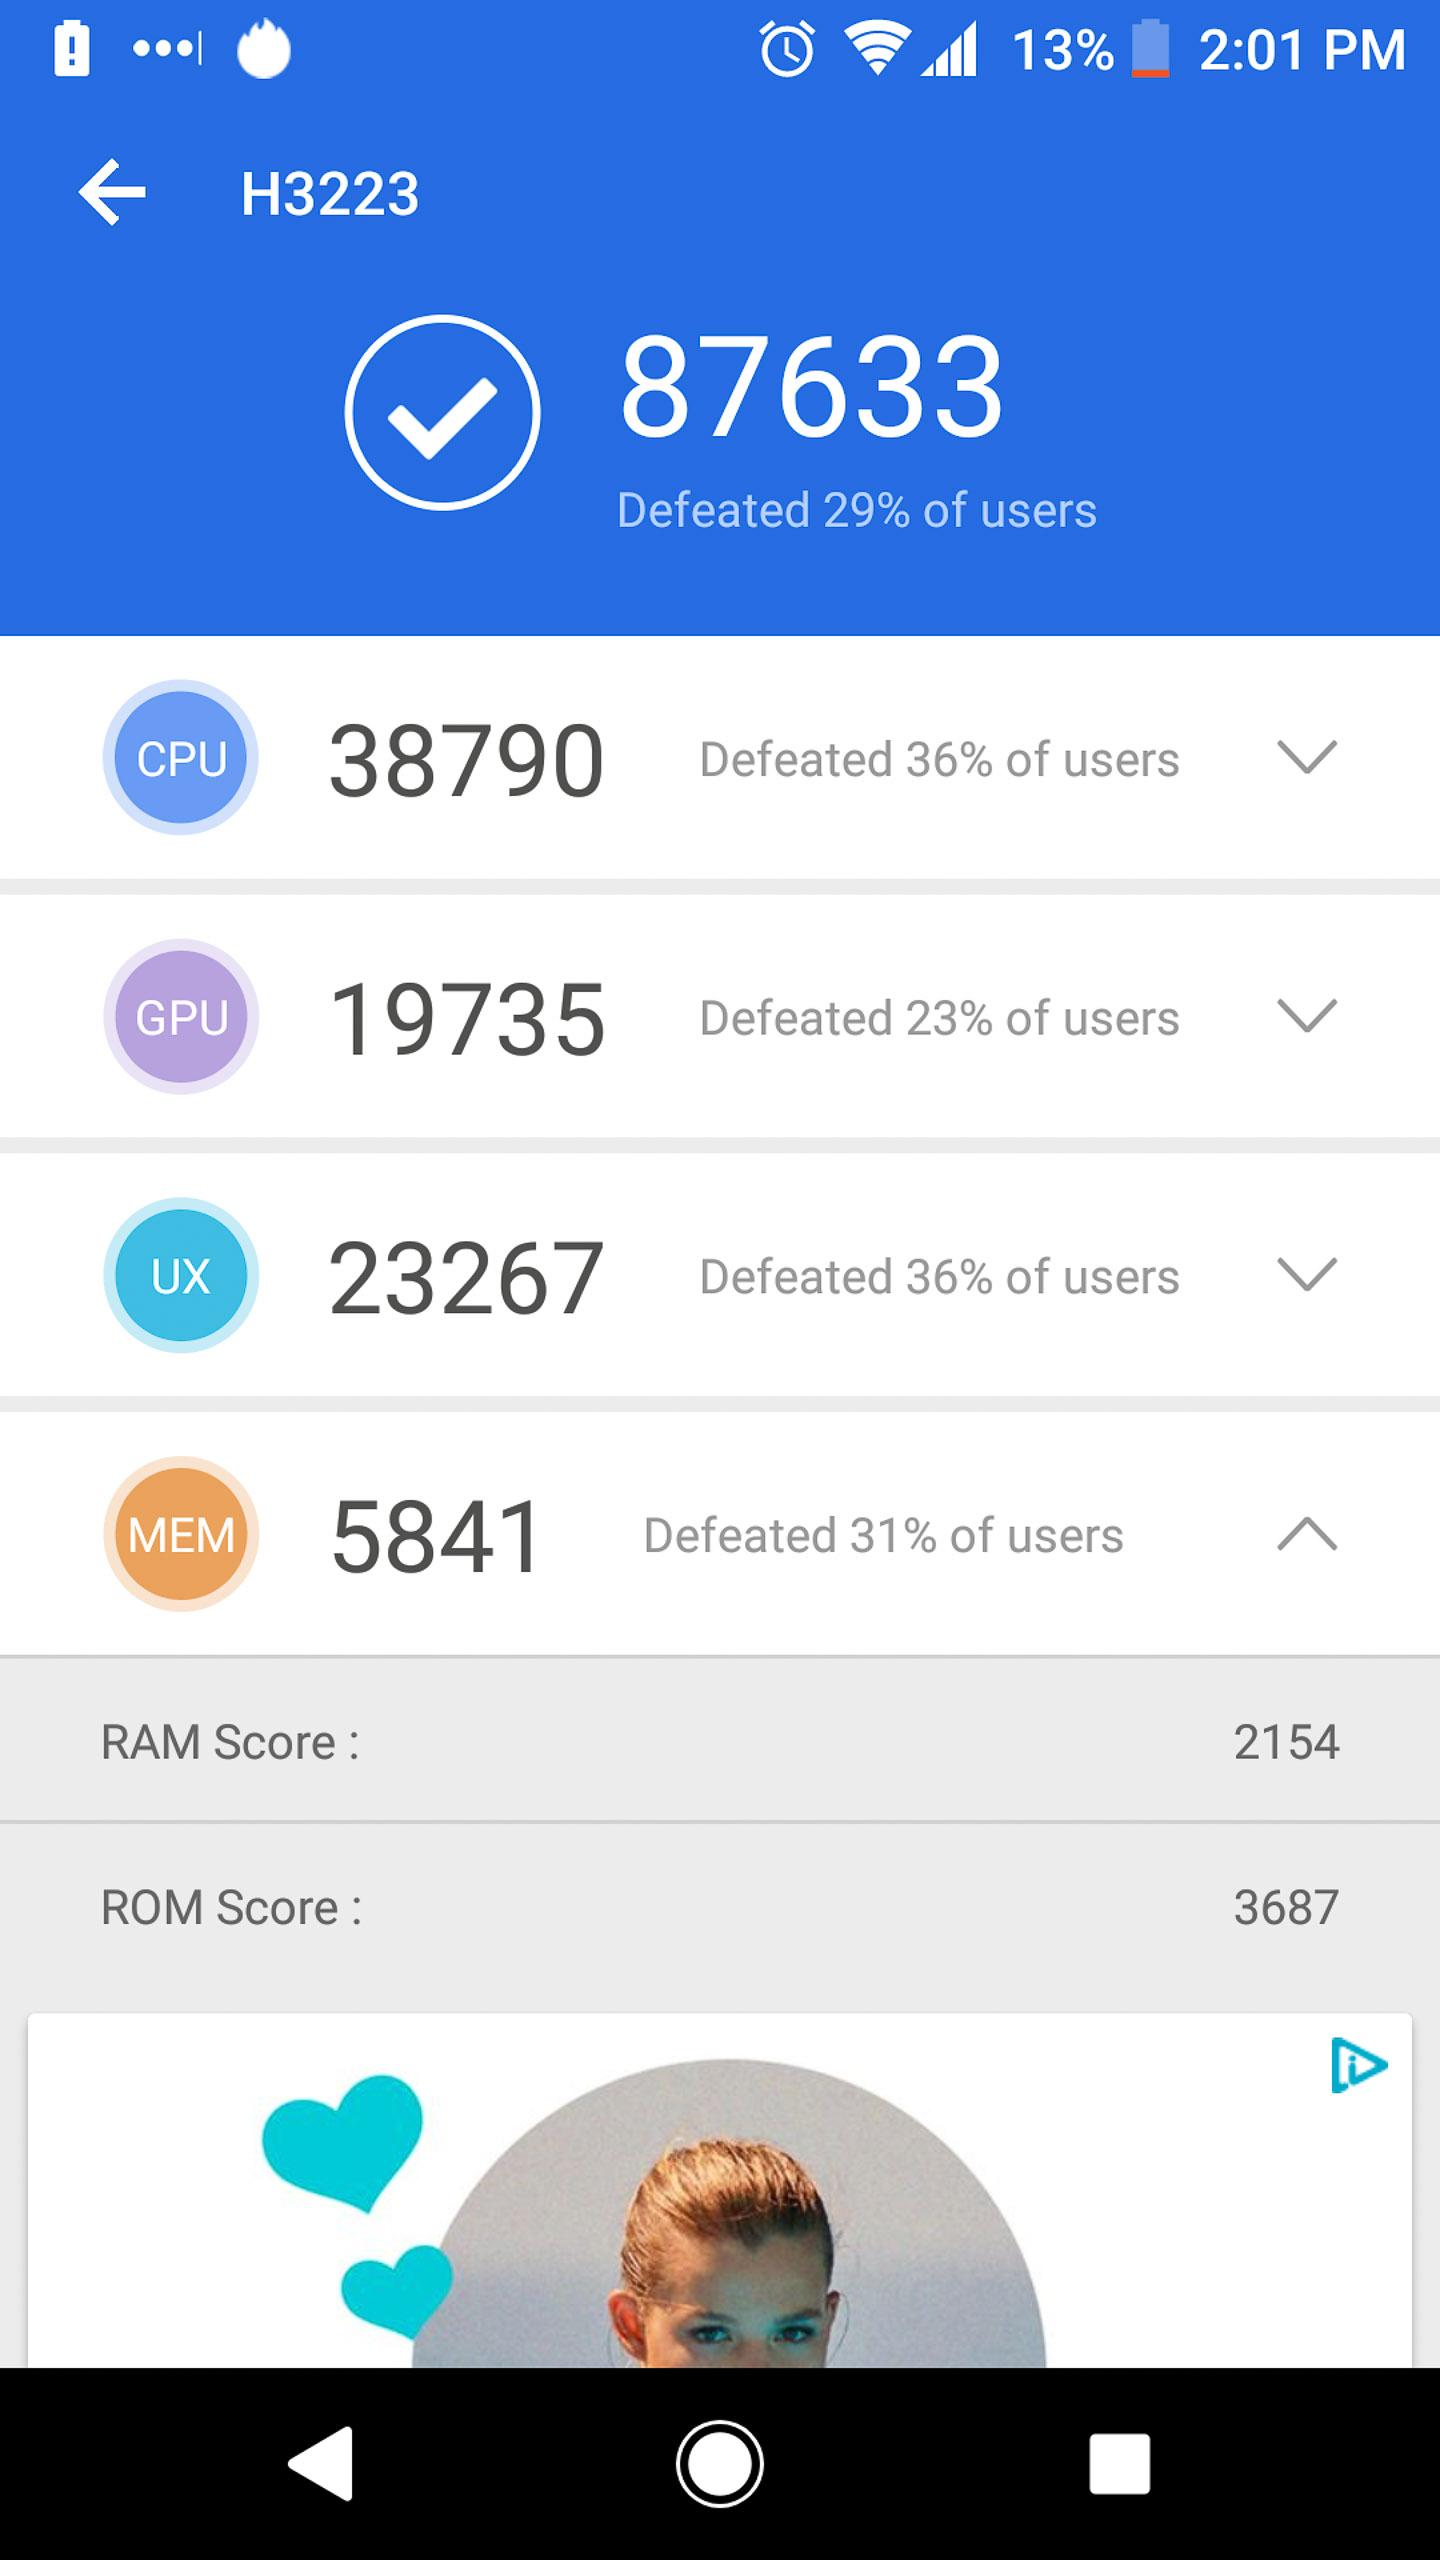 Sony Xperia XA2 Ultra antutu benchmark results